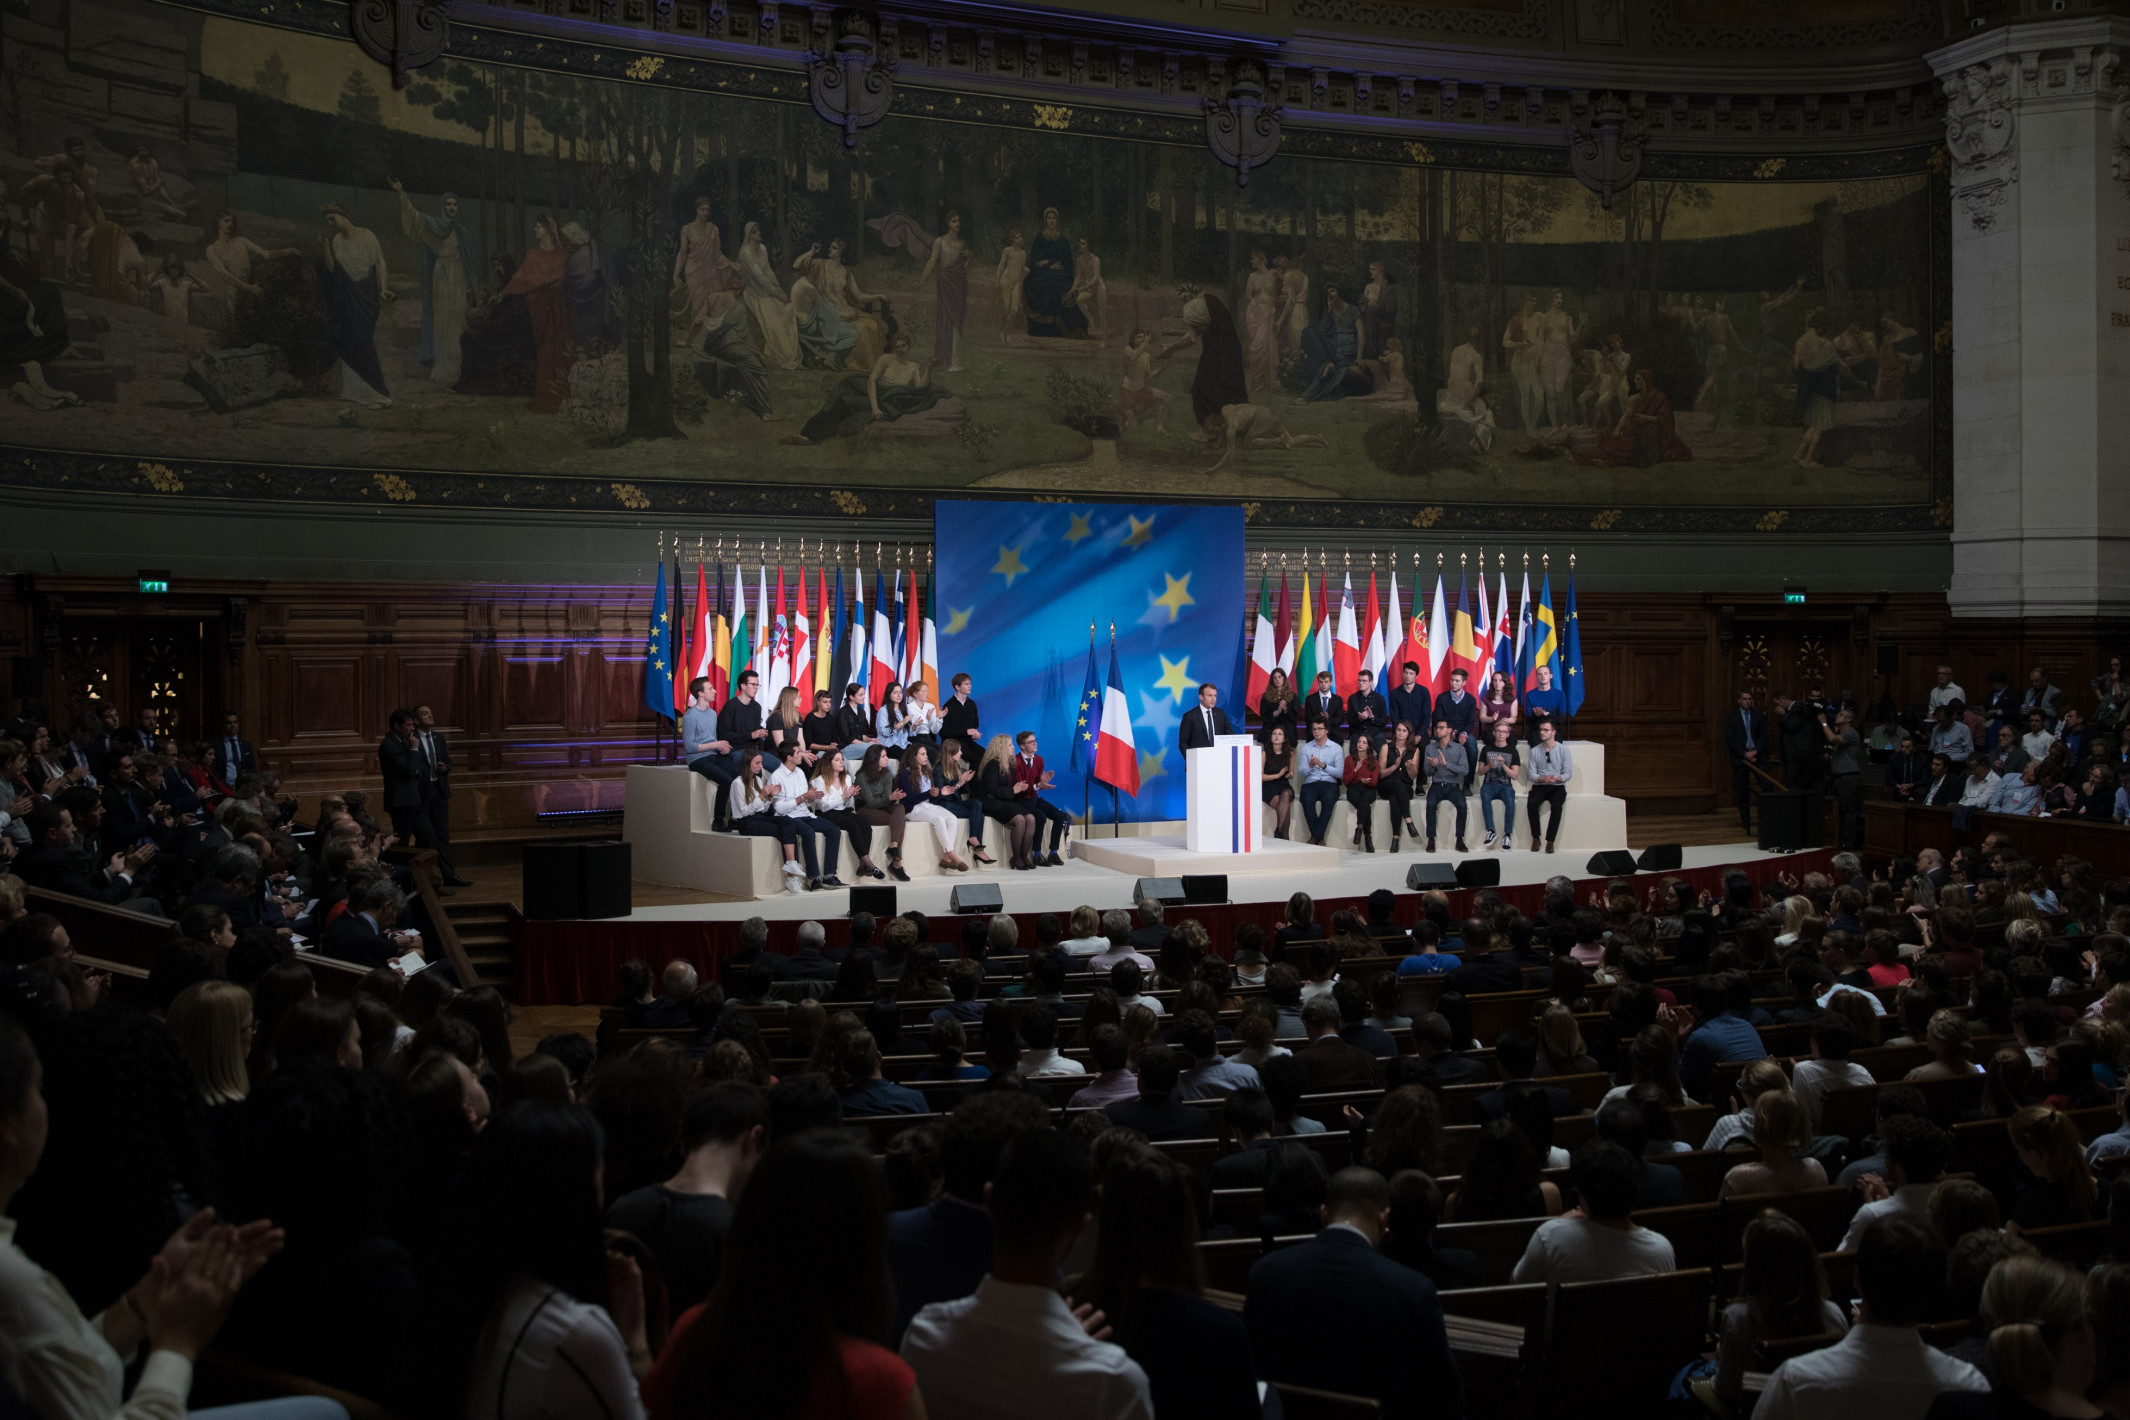 L'Initiative européenne d'intervention réduit-elle les espoirs d'une défense européenne commune ?